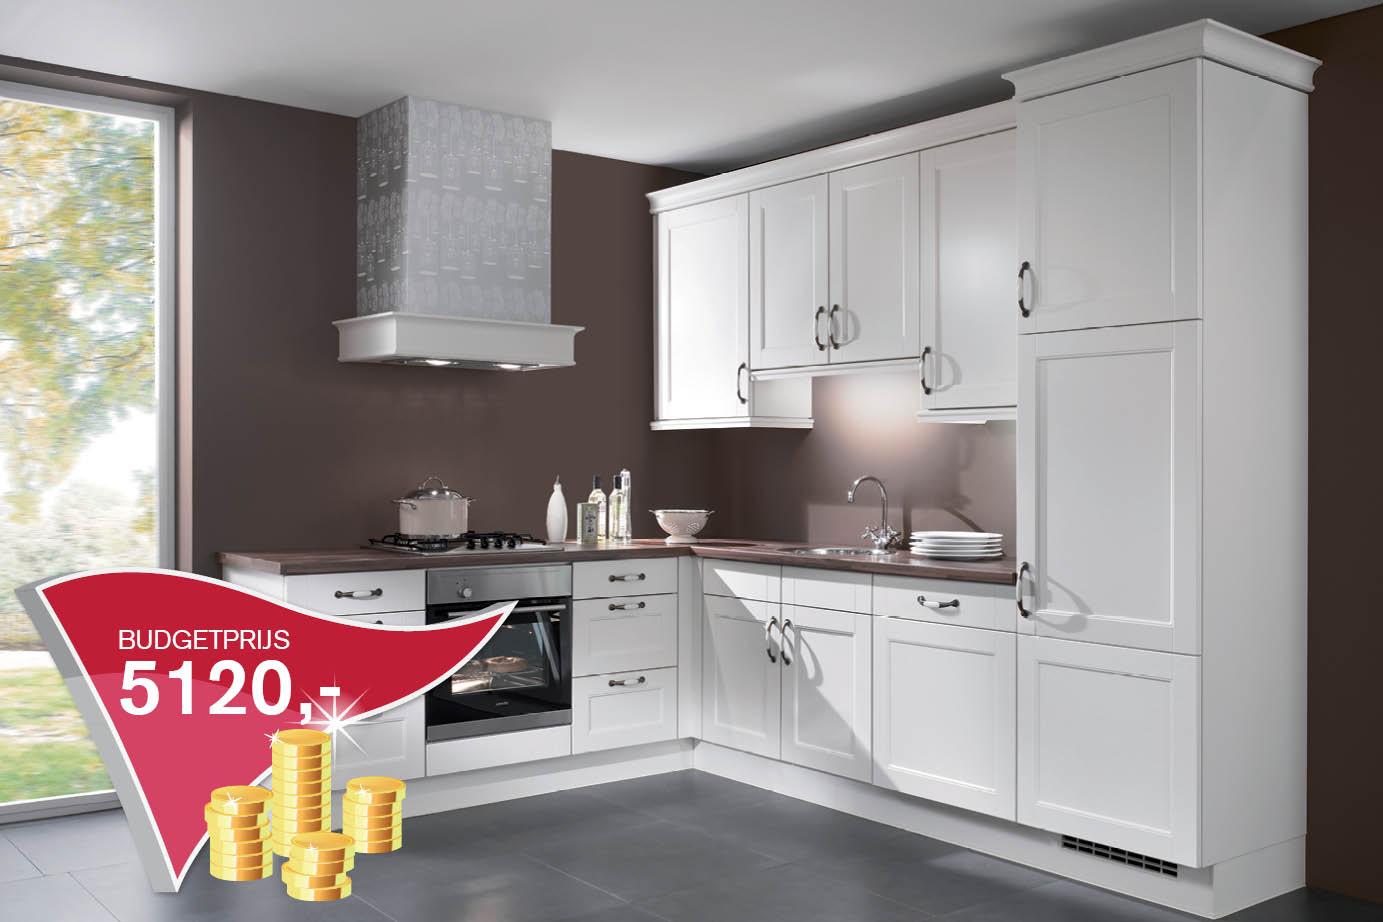 Goedkope keukens eiland keukens dronten goedkope keukens bij van